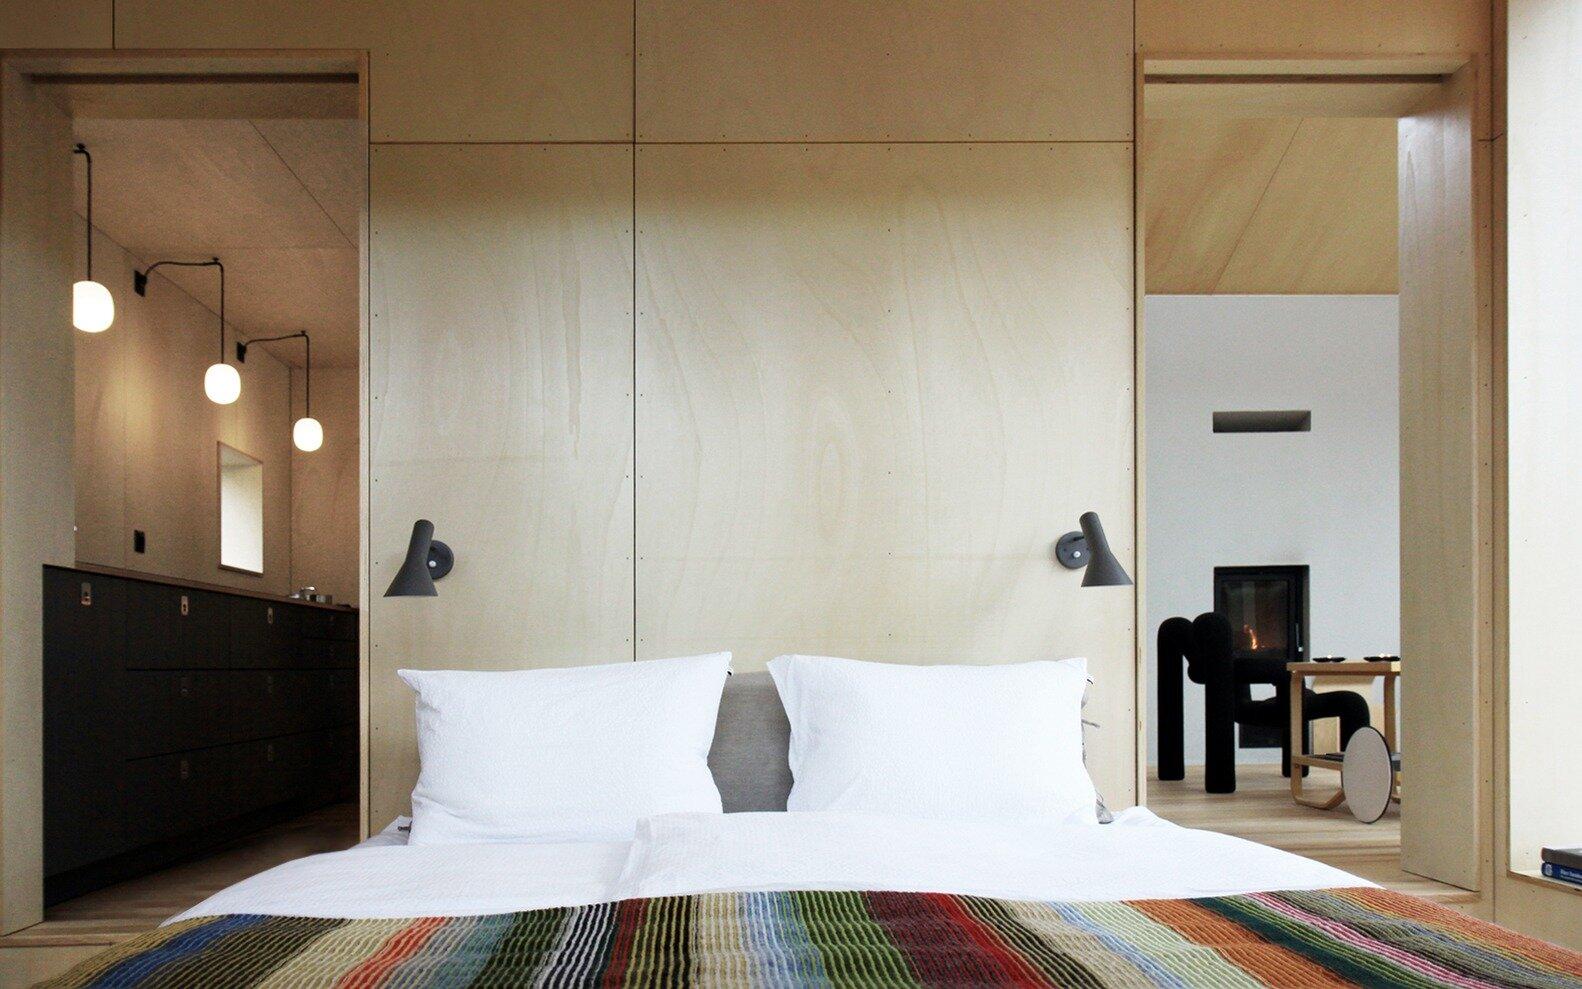 Cabin Vindheim - Vardehaugen - Norway - Bedroom - Humble Homes